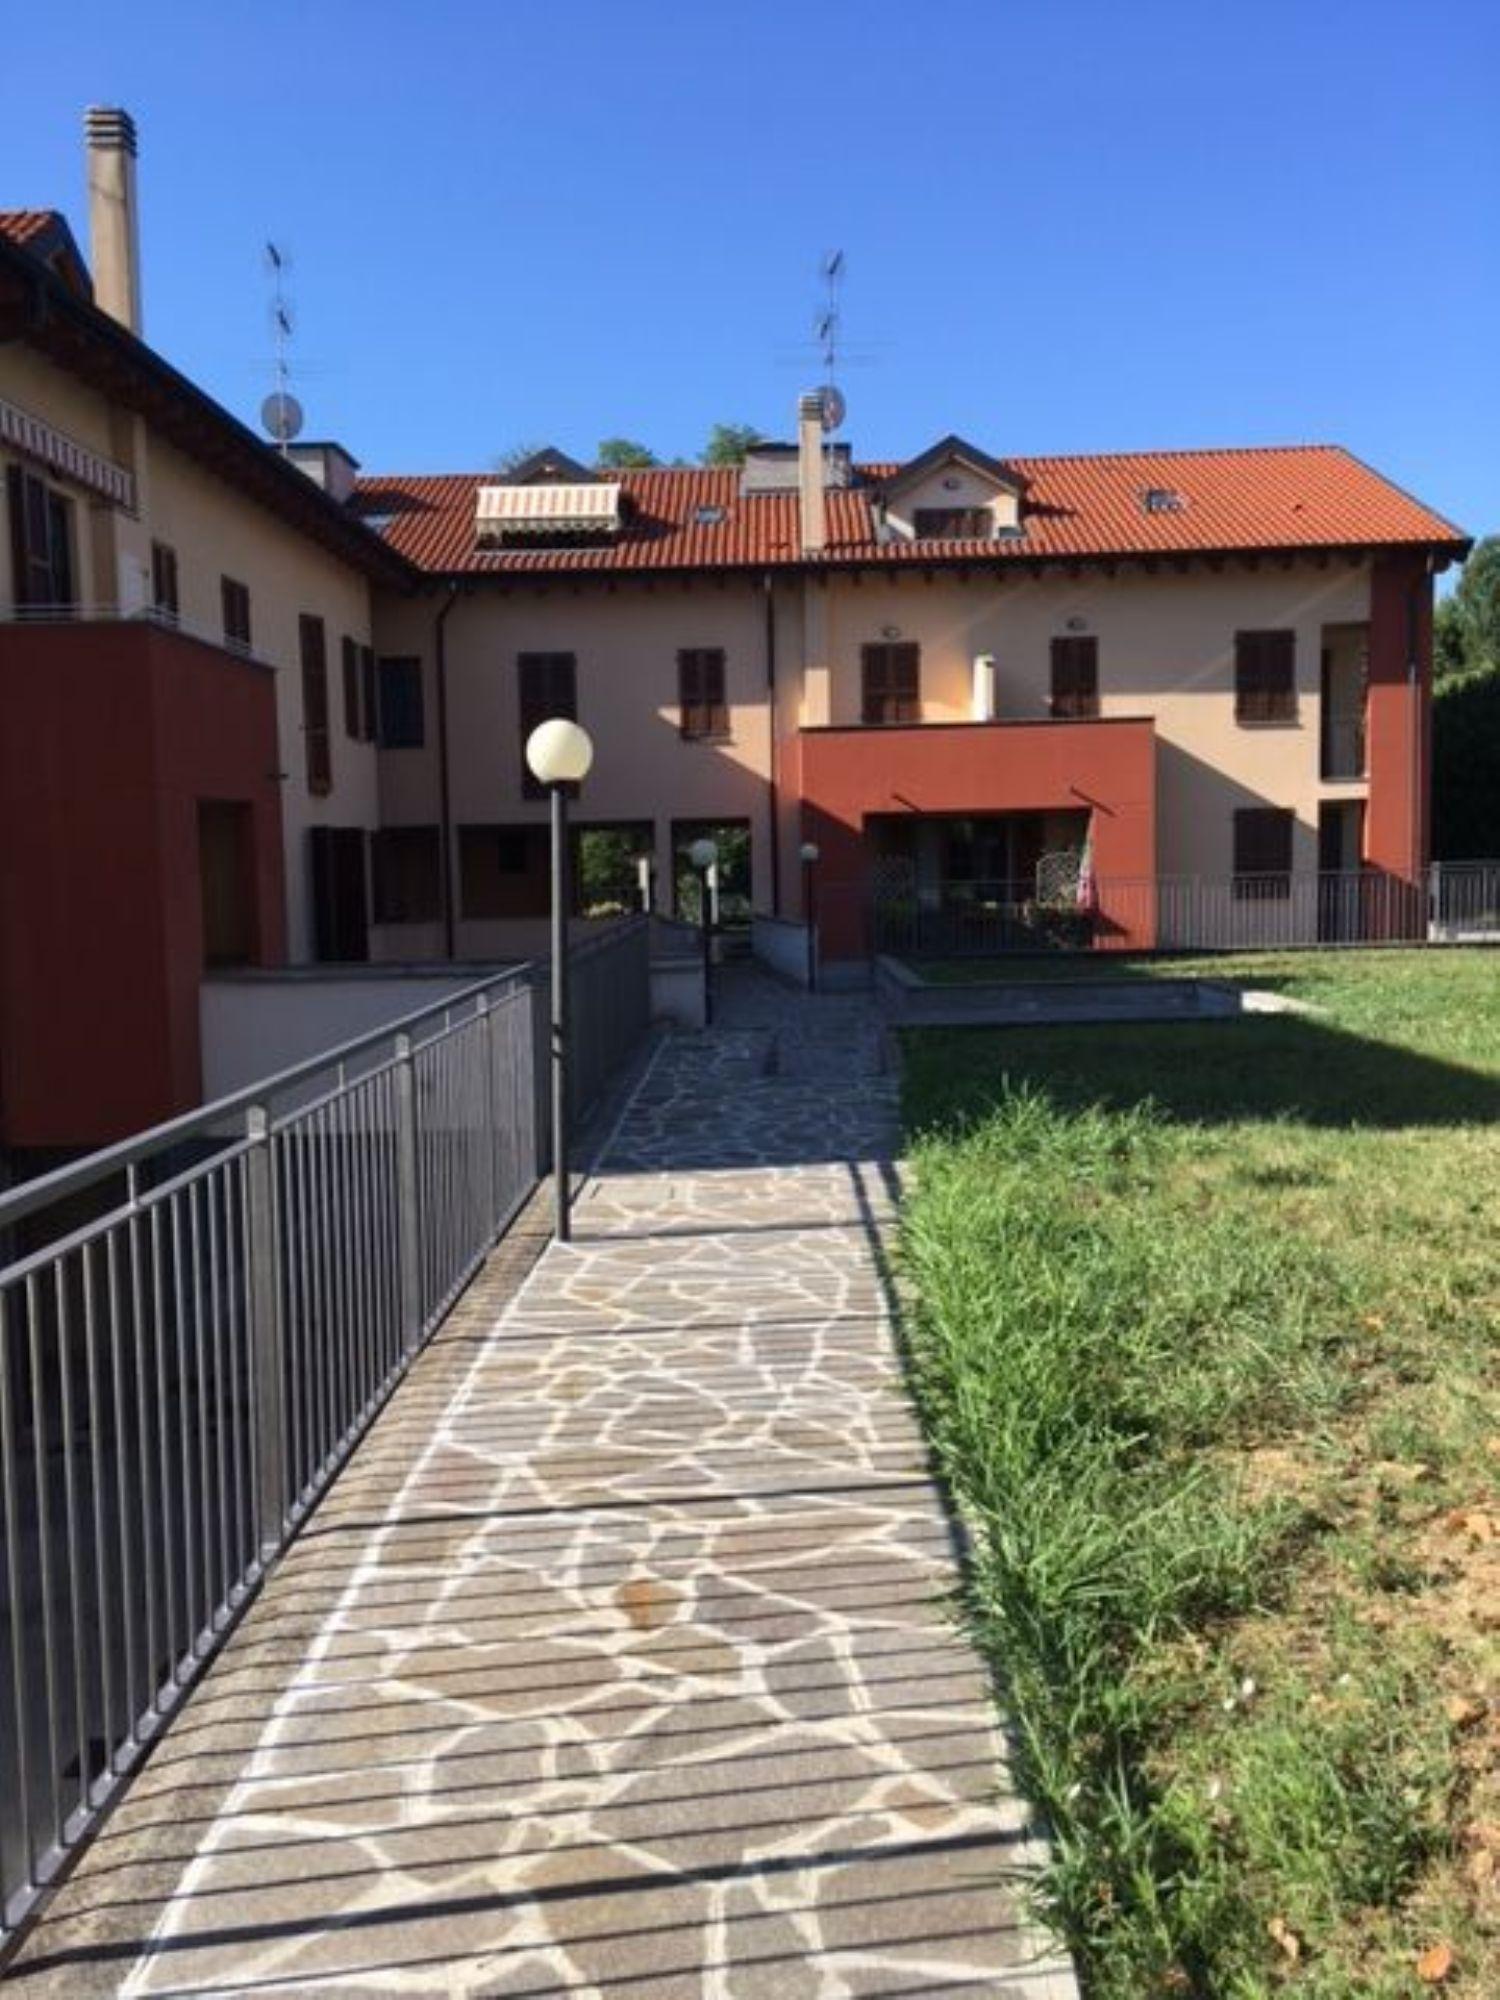 Attico / Mansarda in affitto a Masate, 3 locali, prezzo € 650   CambioCasa.it